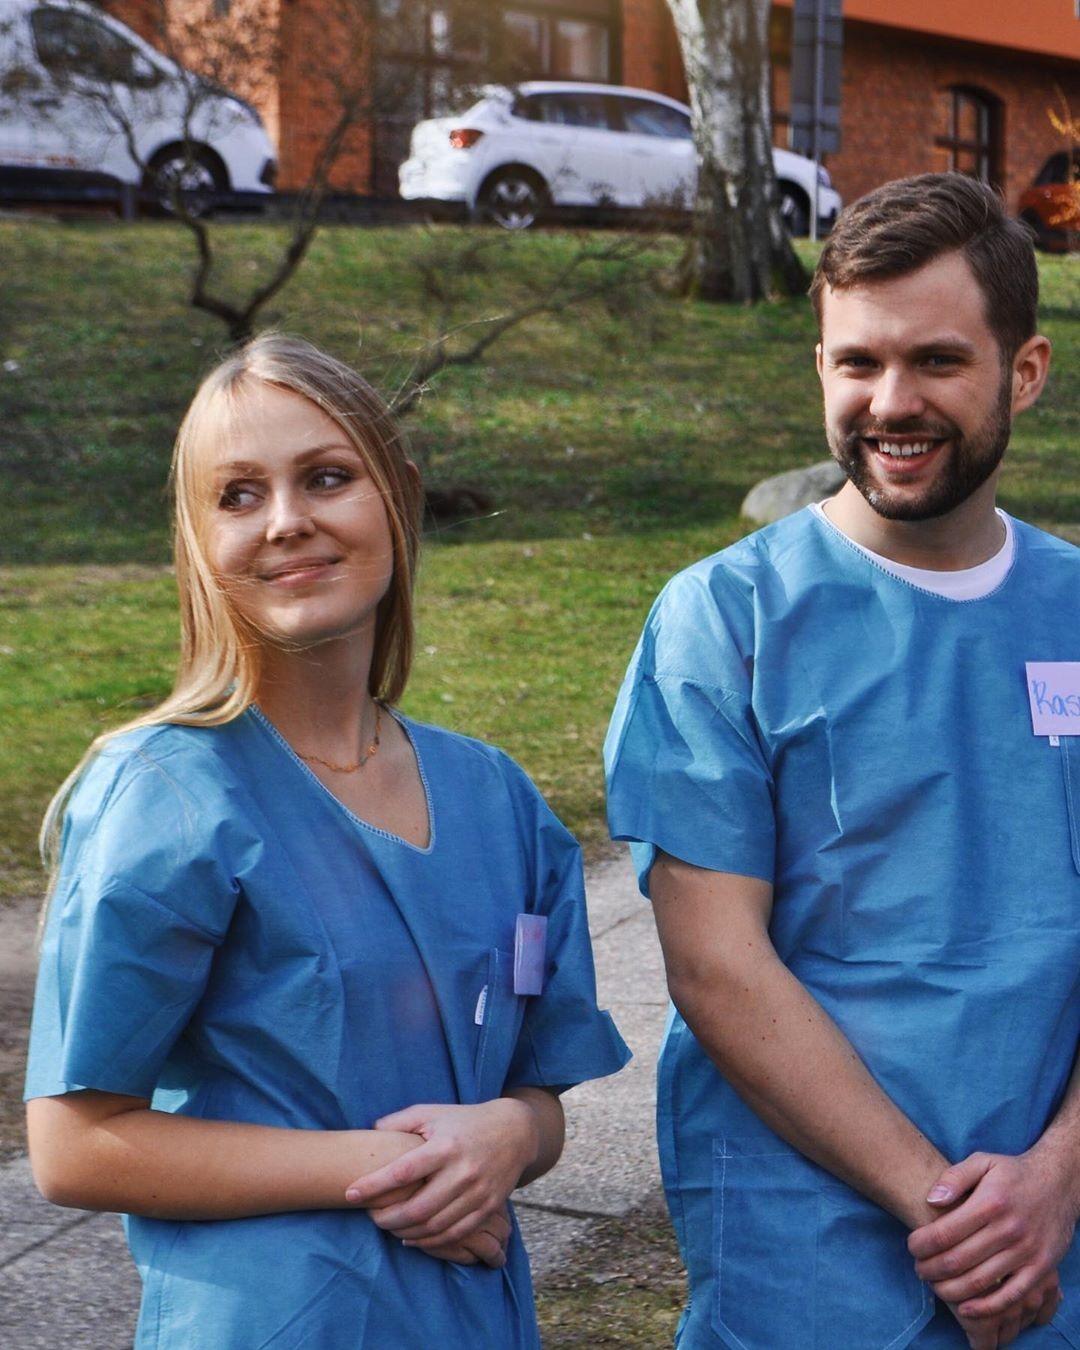 Suécia transforma e comissários de bordo em auxiliares de enfermagem para enfrentar coronavírus